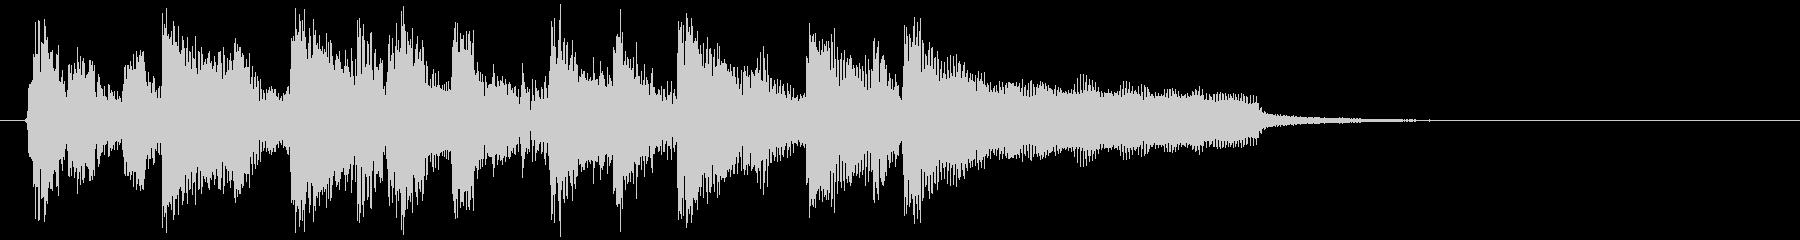 軽快でノリノリな明るいファンク系ジングルの未再生の波形